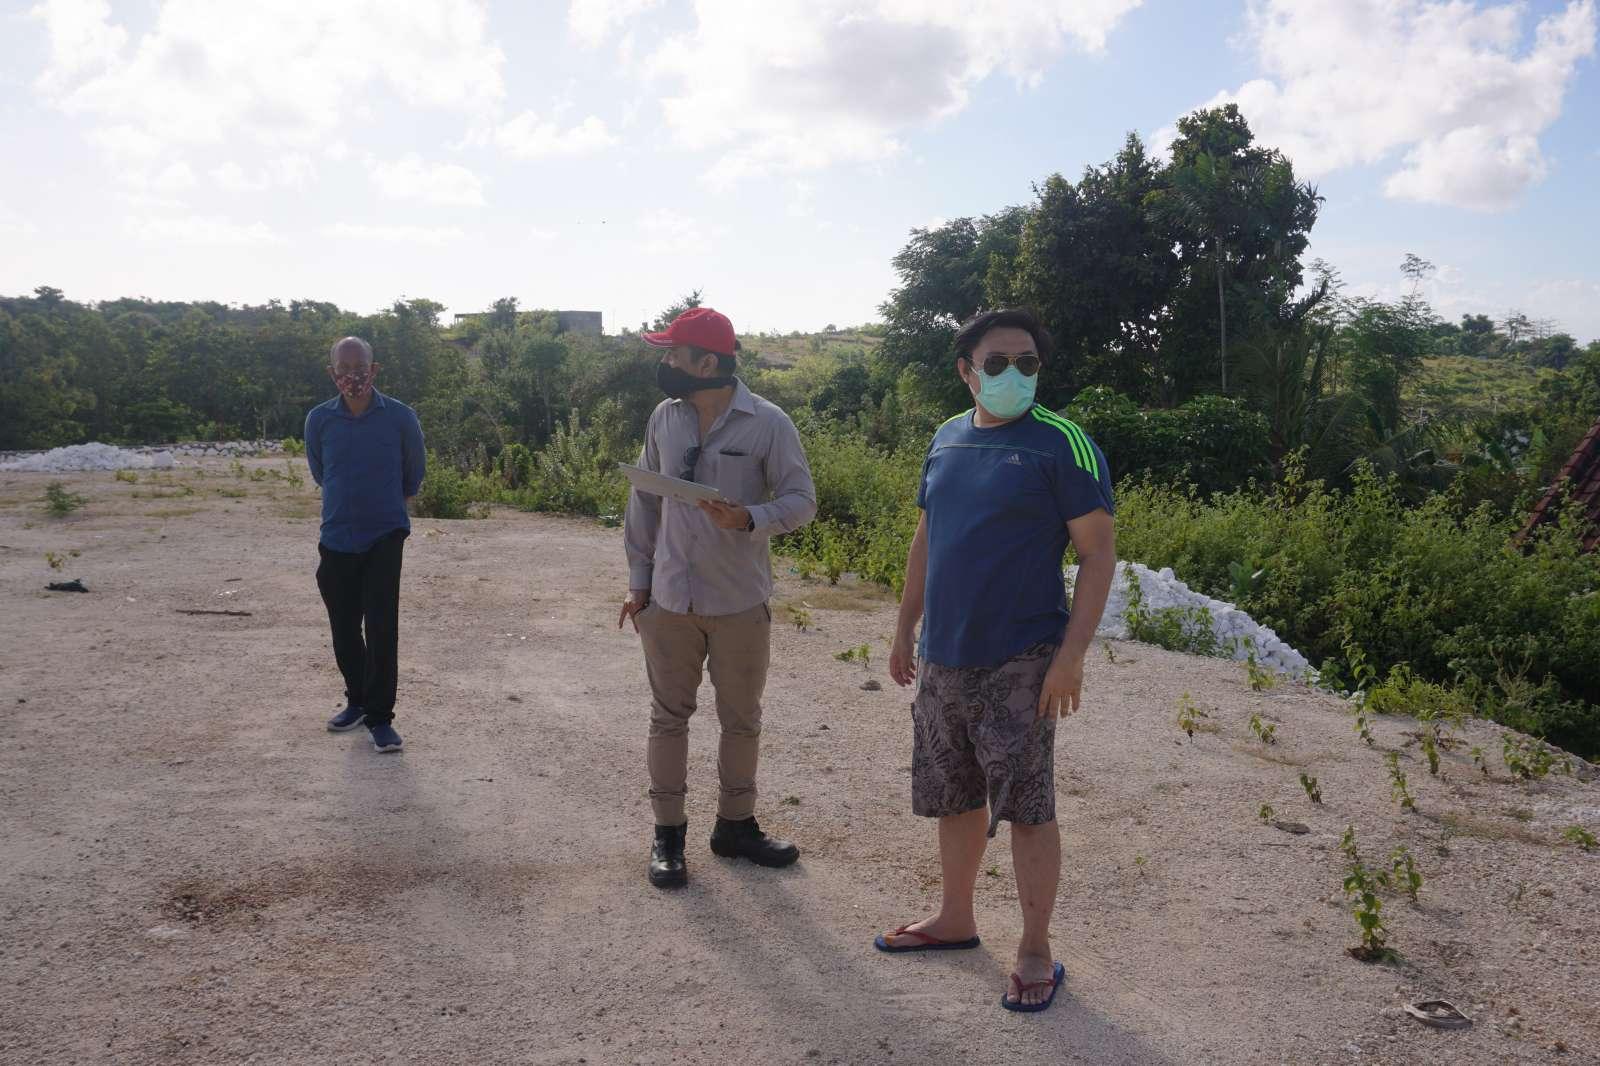 Survey Visit of Mr. Atong's Land - Bali 2